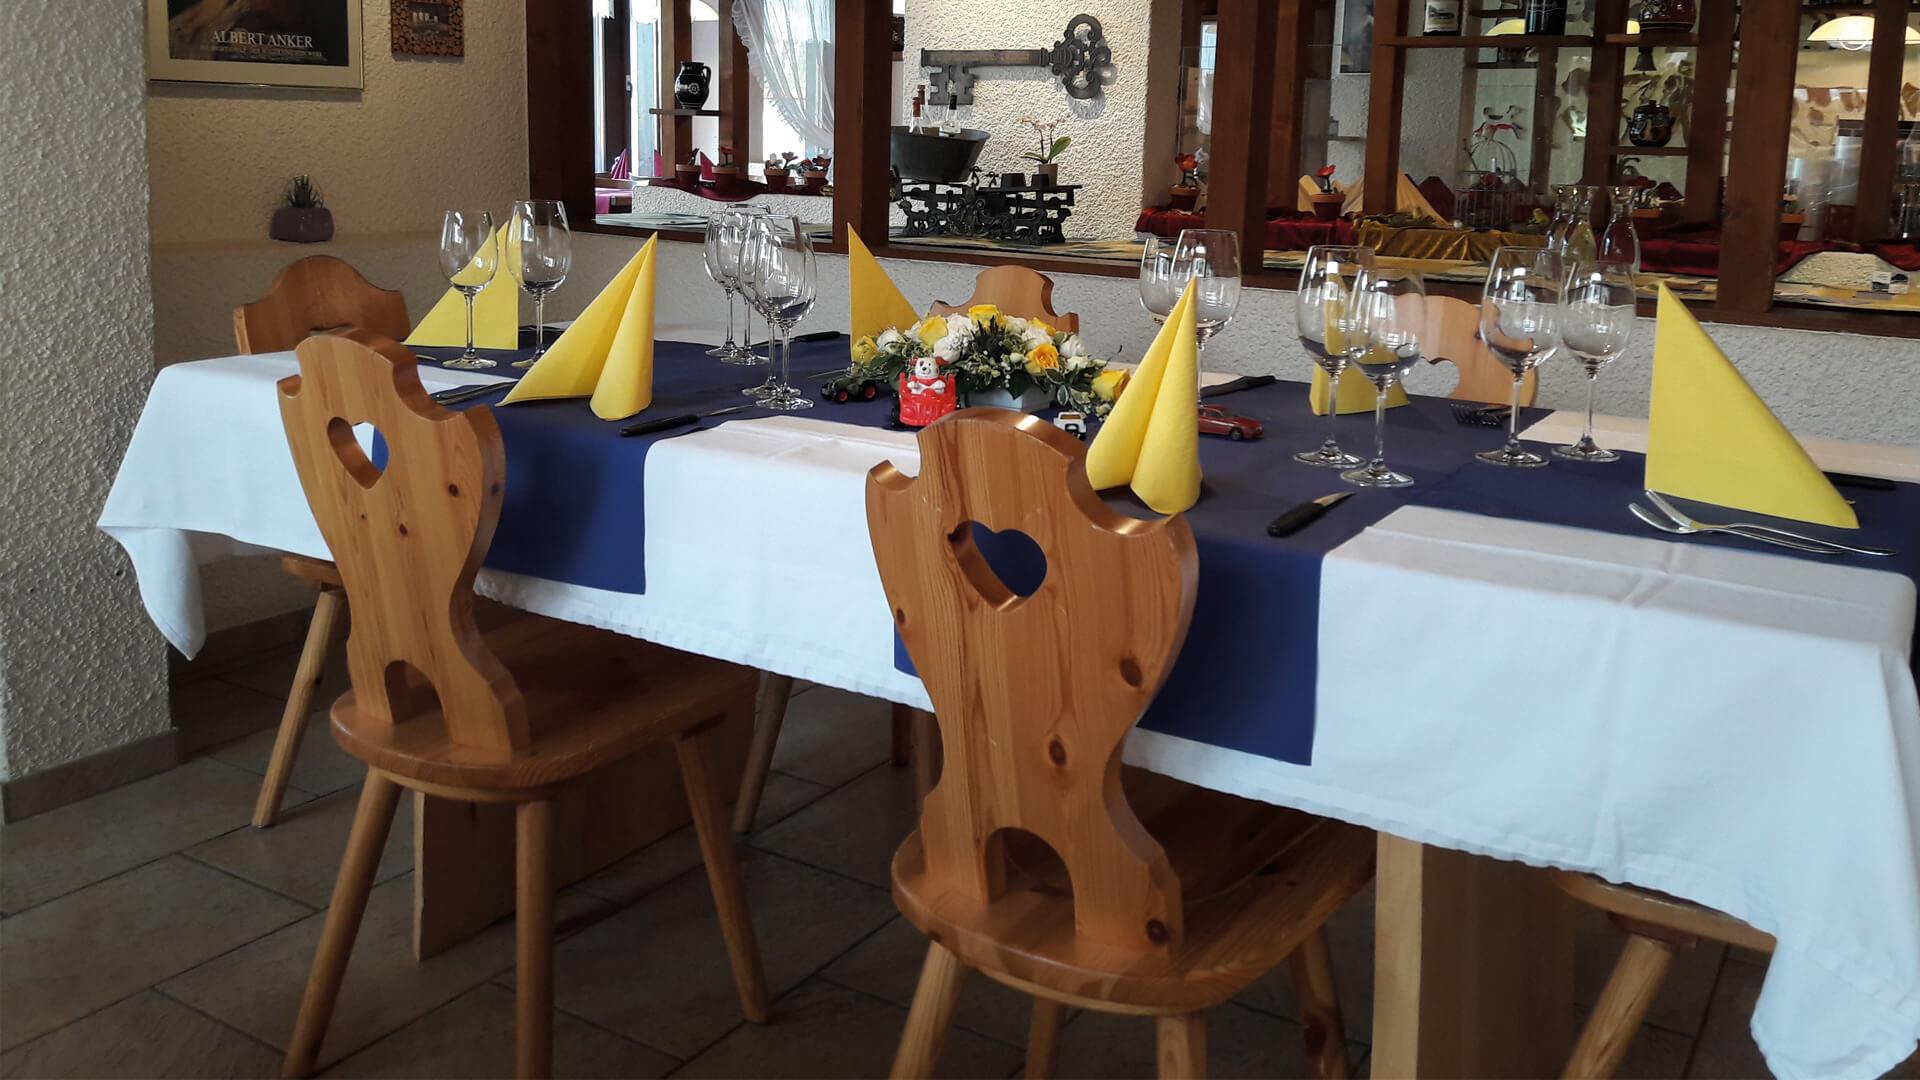 restaurant-wirieblick-ankerst-bli